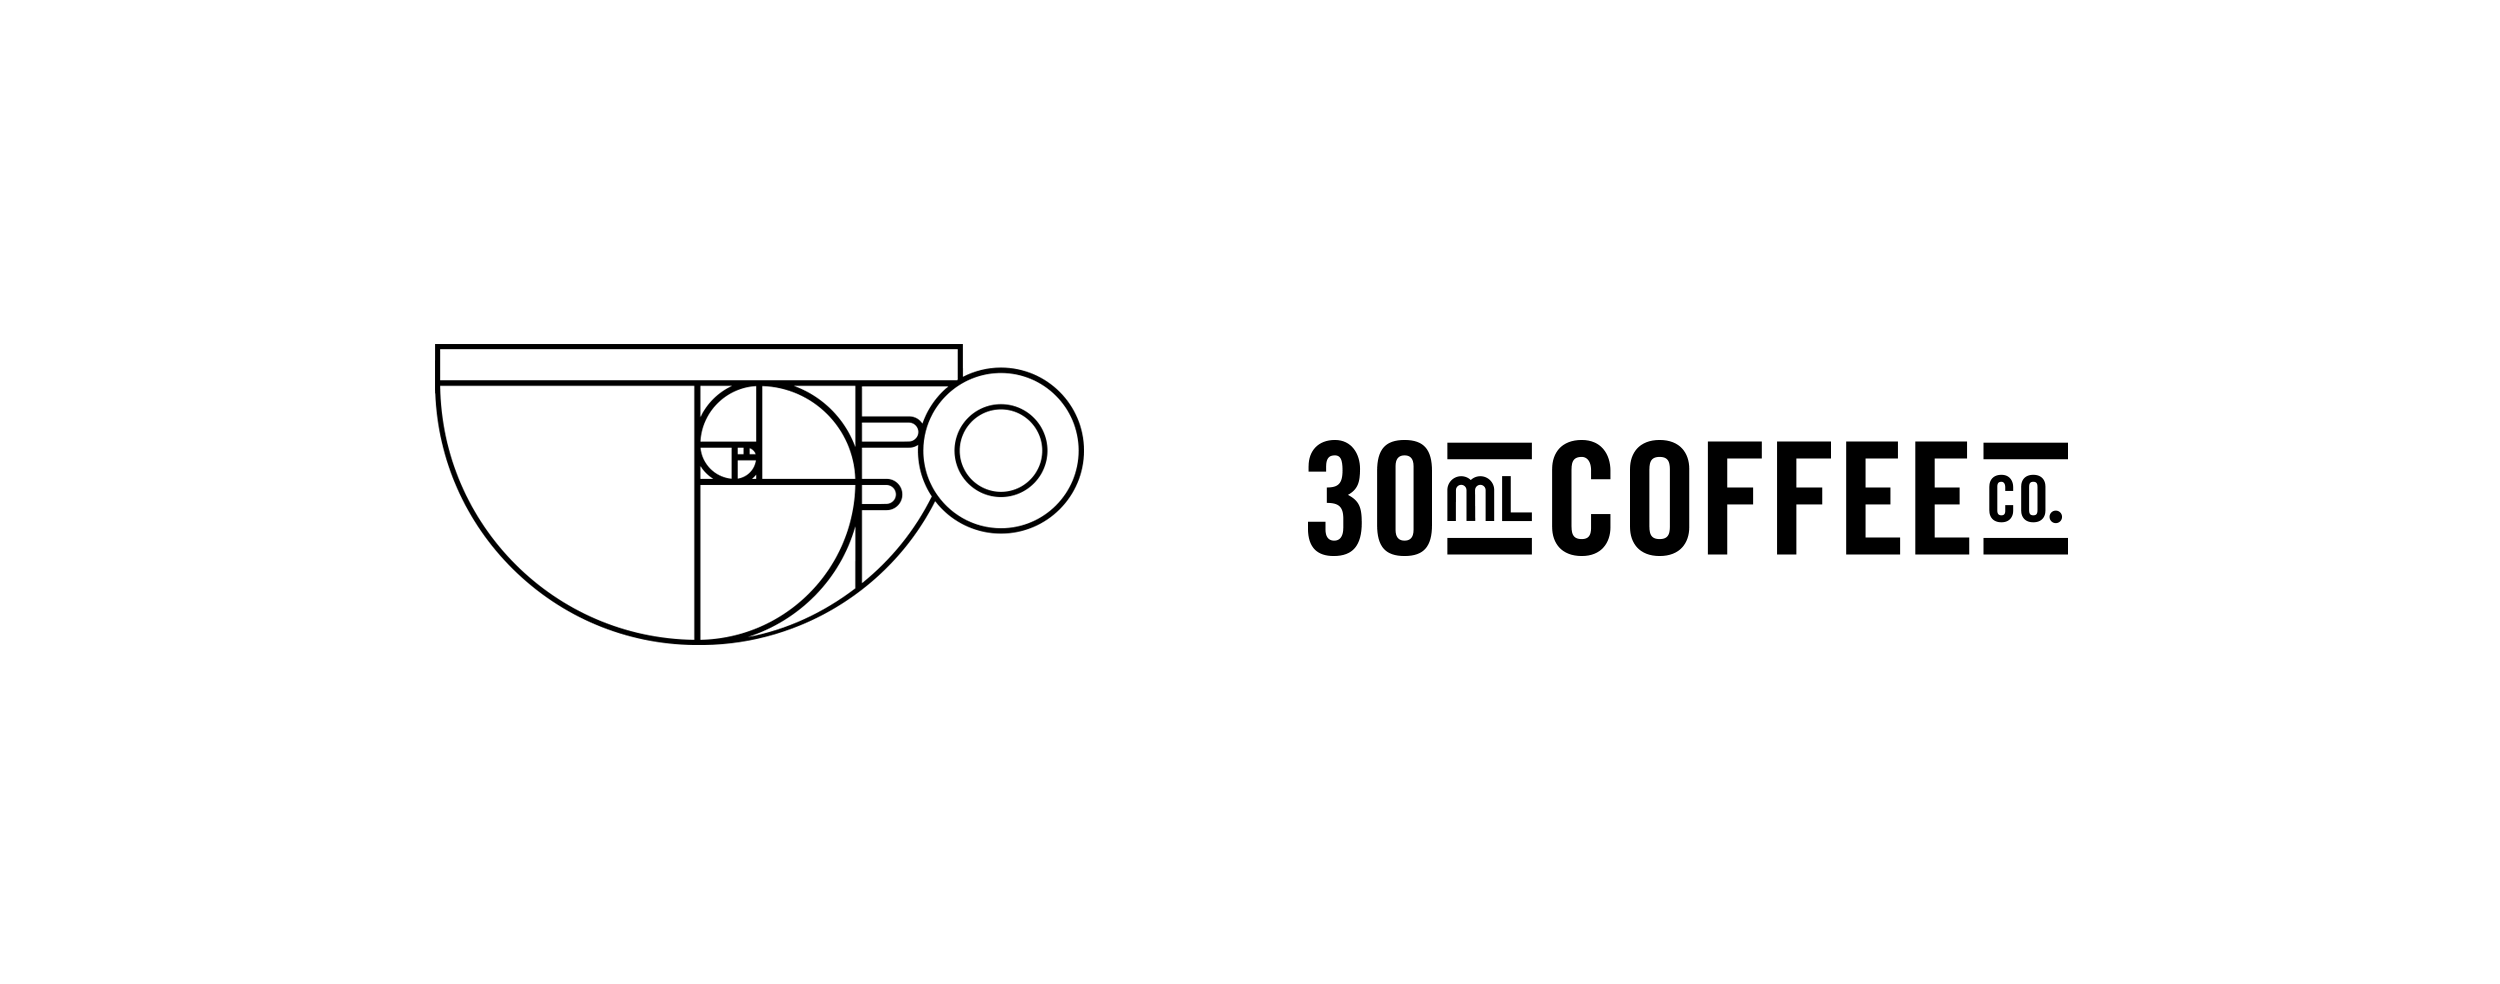 CarloMac_30mL_CoffeeCo.png